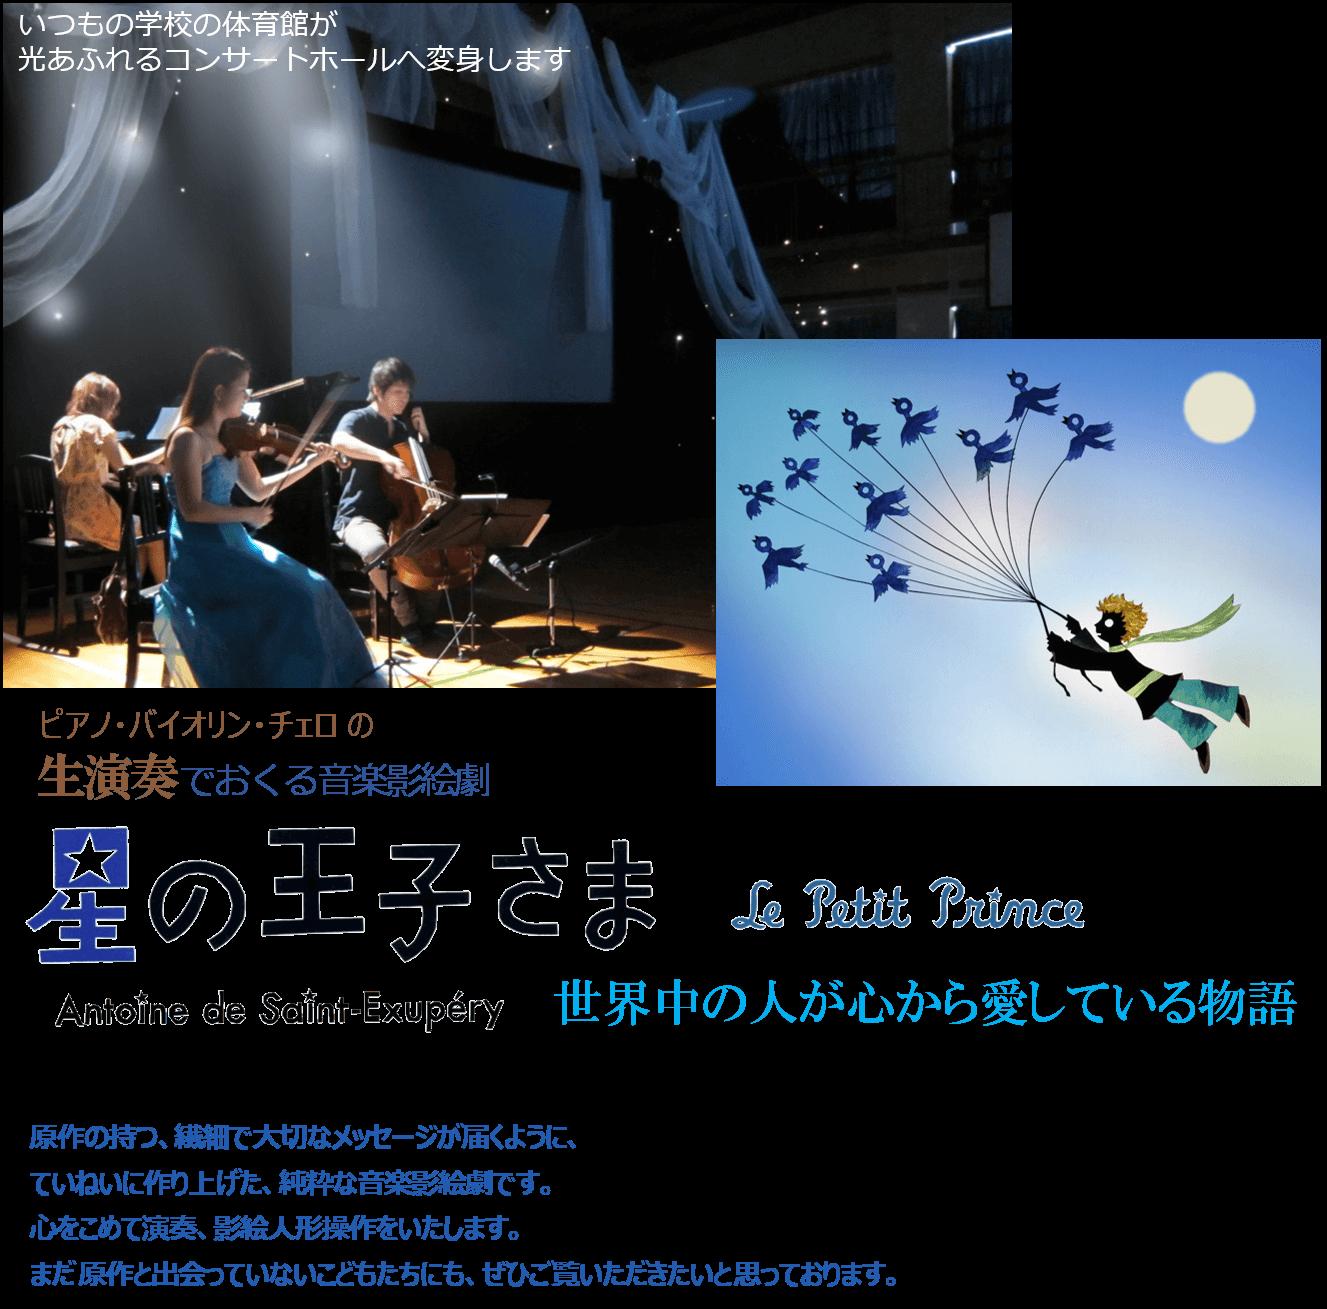 芸術鑑賞教室 生演奏 星の王子さま 1  (1)